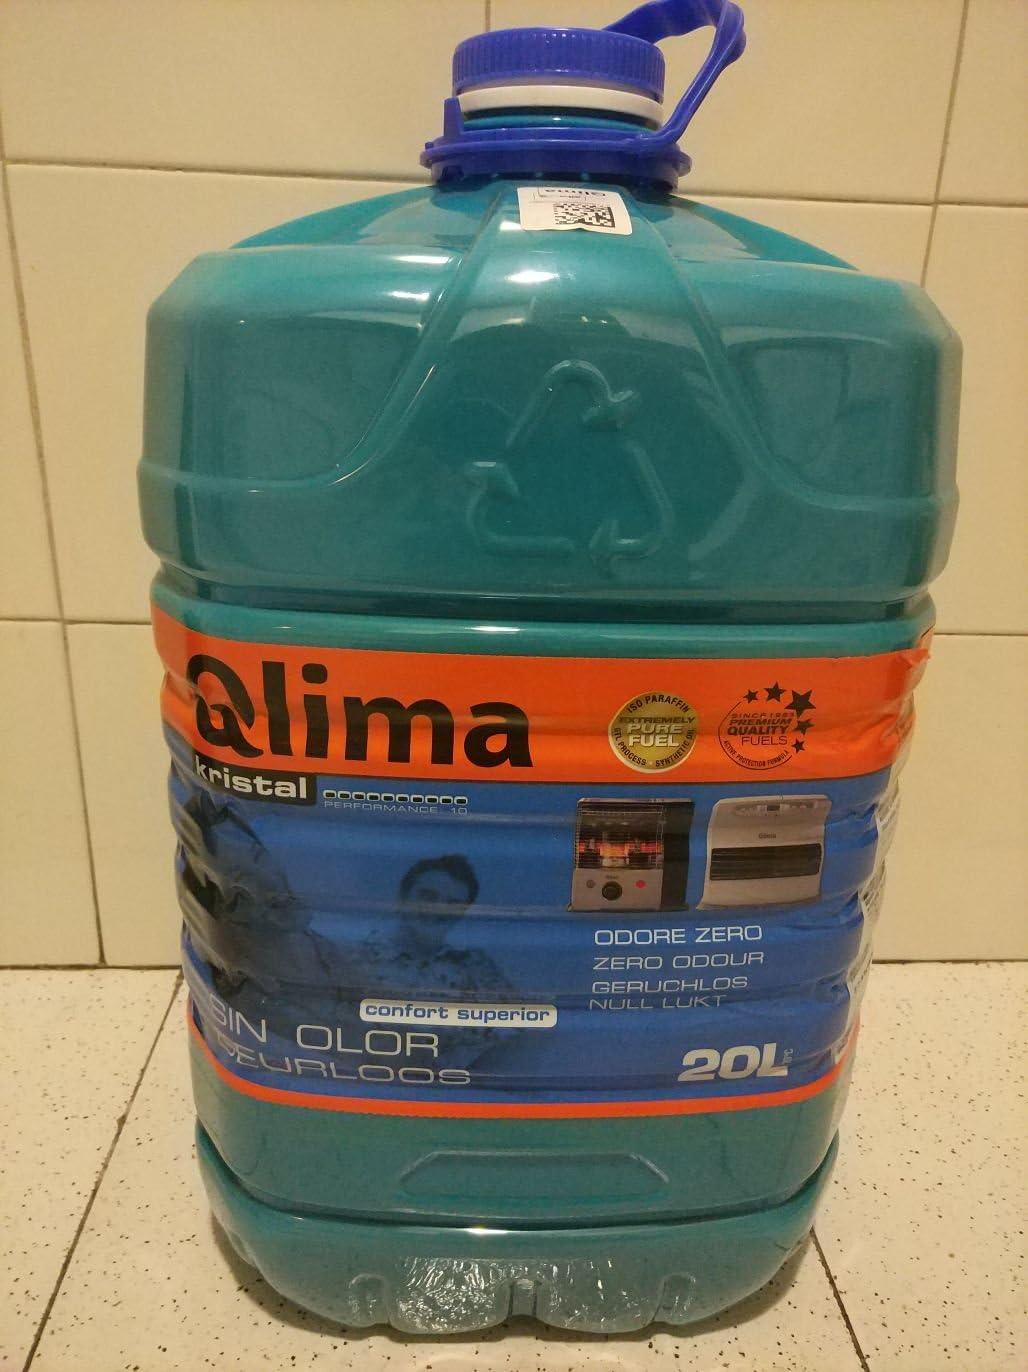 Qlima 8713508708119 20L Combustible líquido accesorio para calentador eléctrico - Accesorios para calentadores eléctricos (Combustible líquido, Multicolor, 20 L, 265 mm, 239 mm, 445 mm)